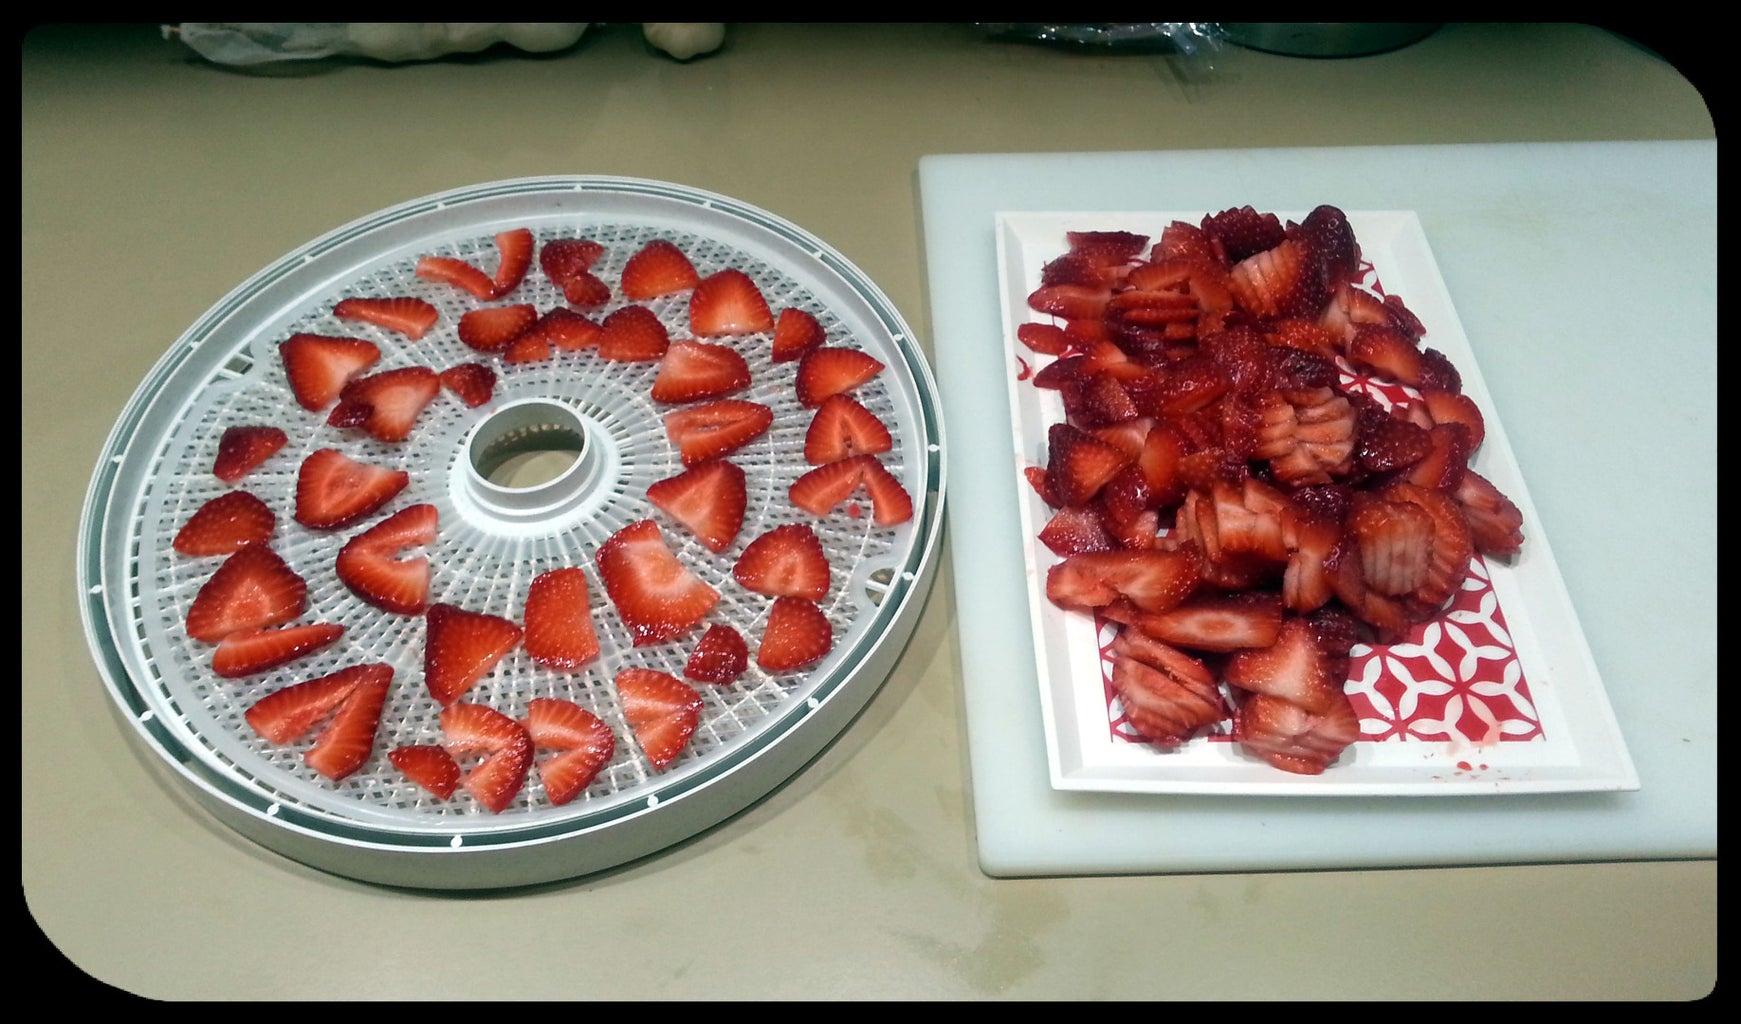 Arrange Slices and Dry